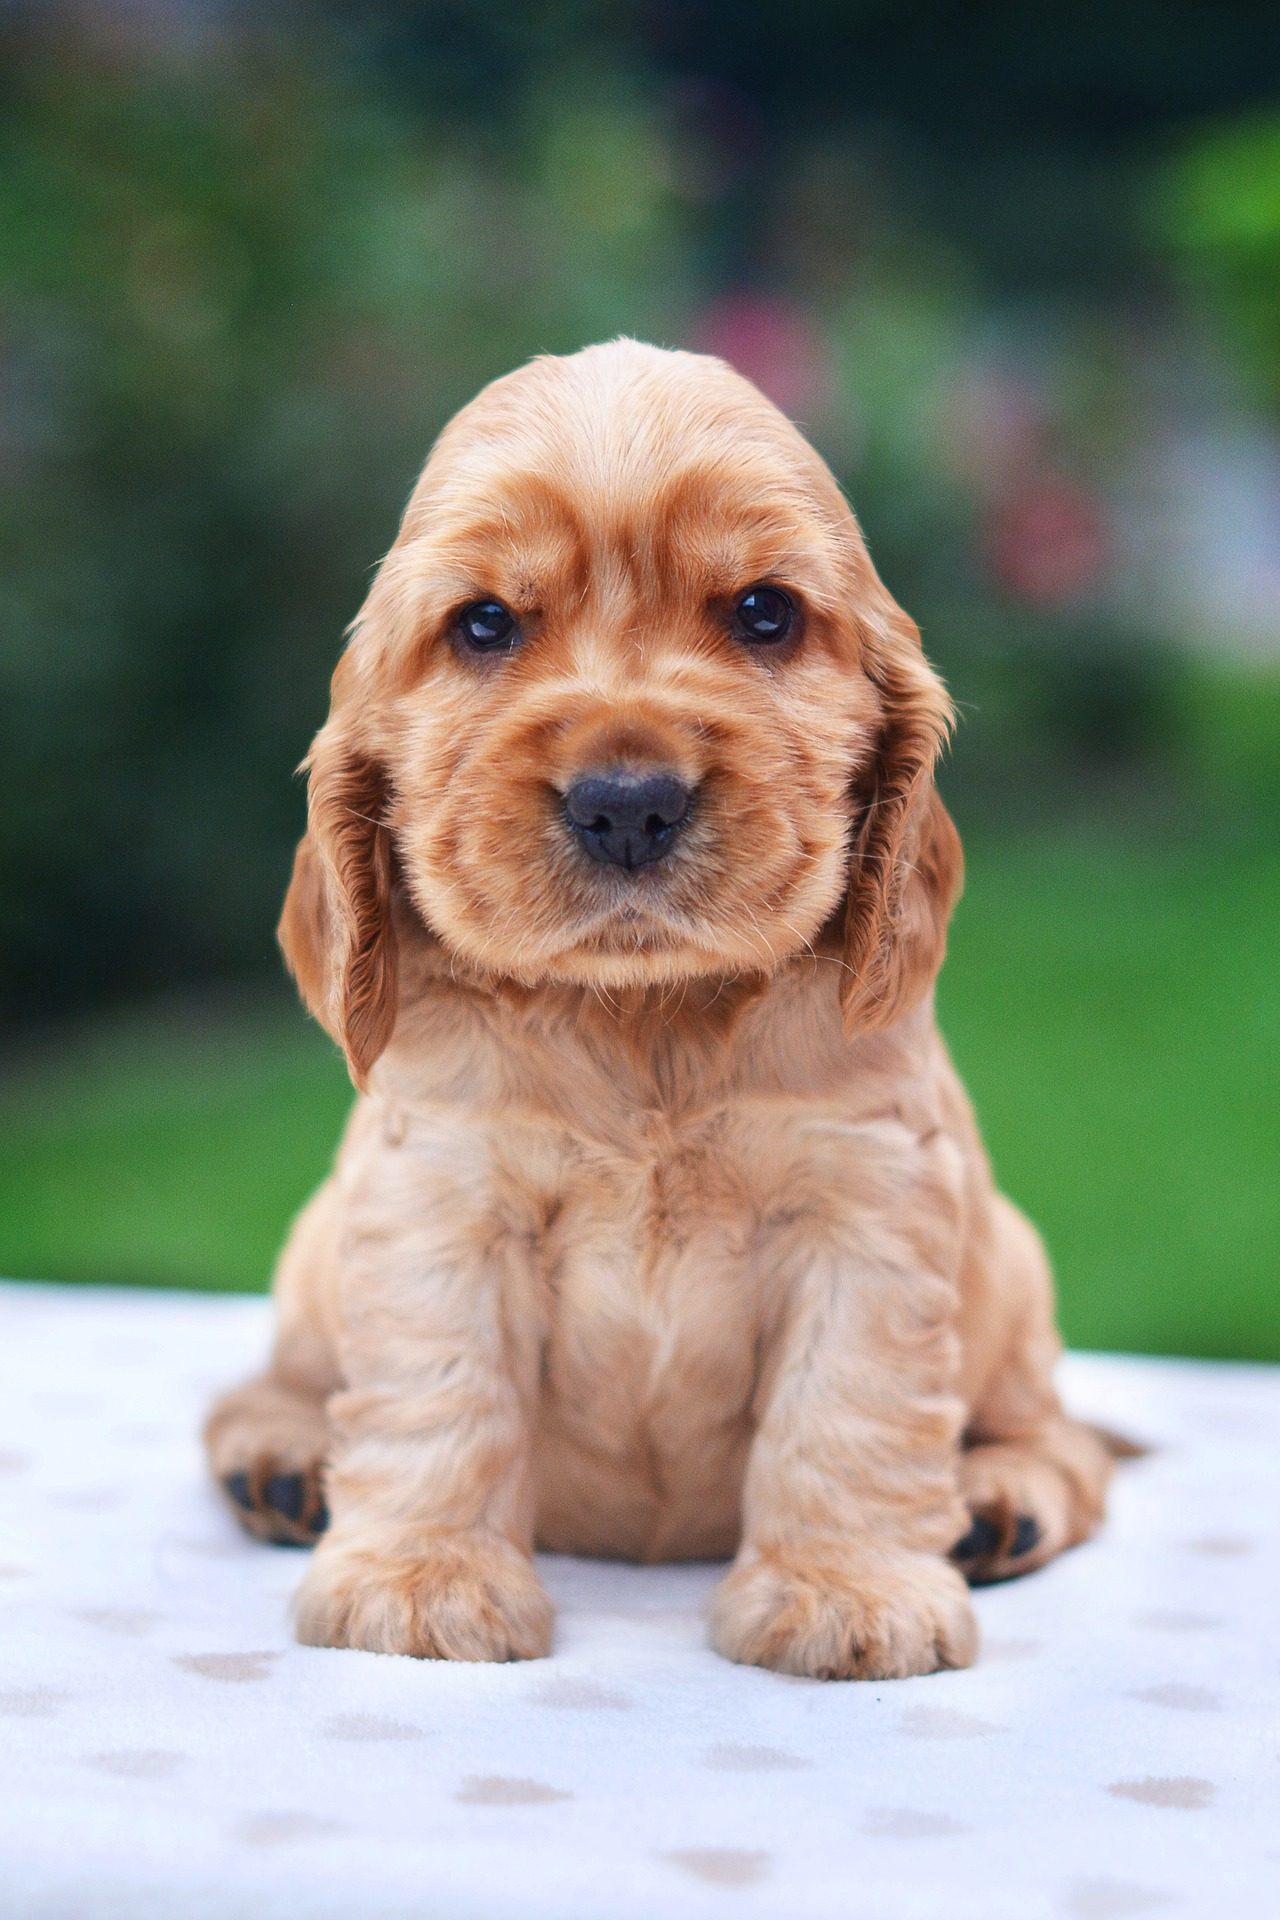 Chiot, chien, Animal de compagnie, fourrure, coup d'oeil, cocker spaniel - Fonds d'écran HD - Professor-falken.com